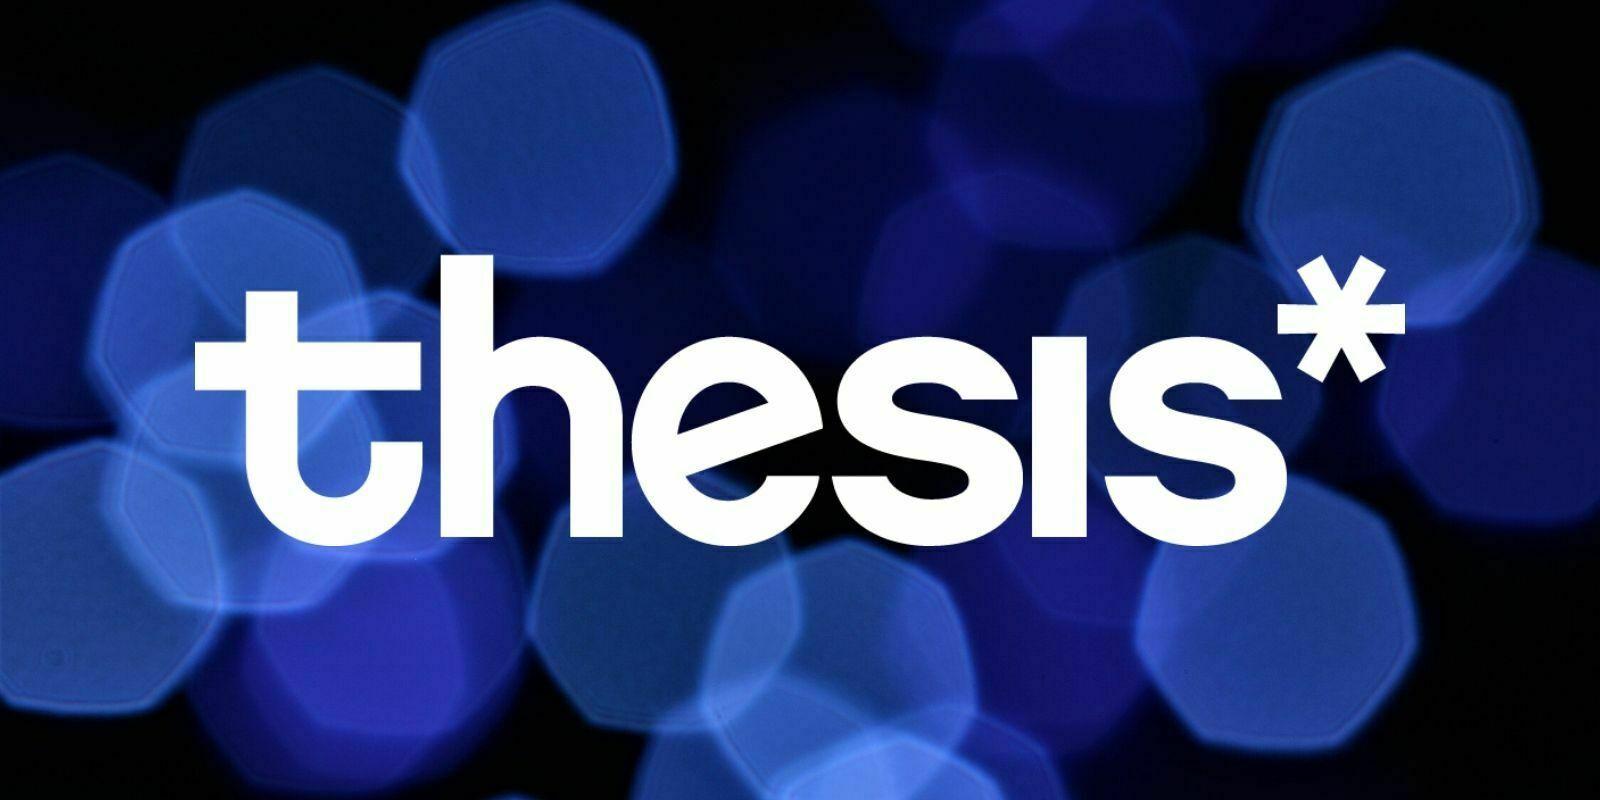 Thesis, les concepteurs du protocole Keep (tBTC), lèvent $7,7M